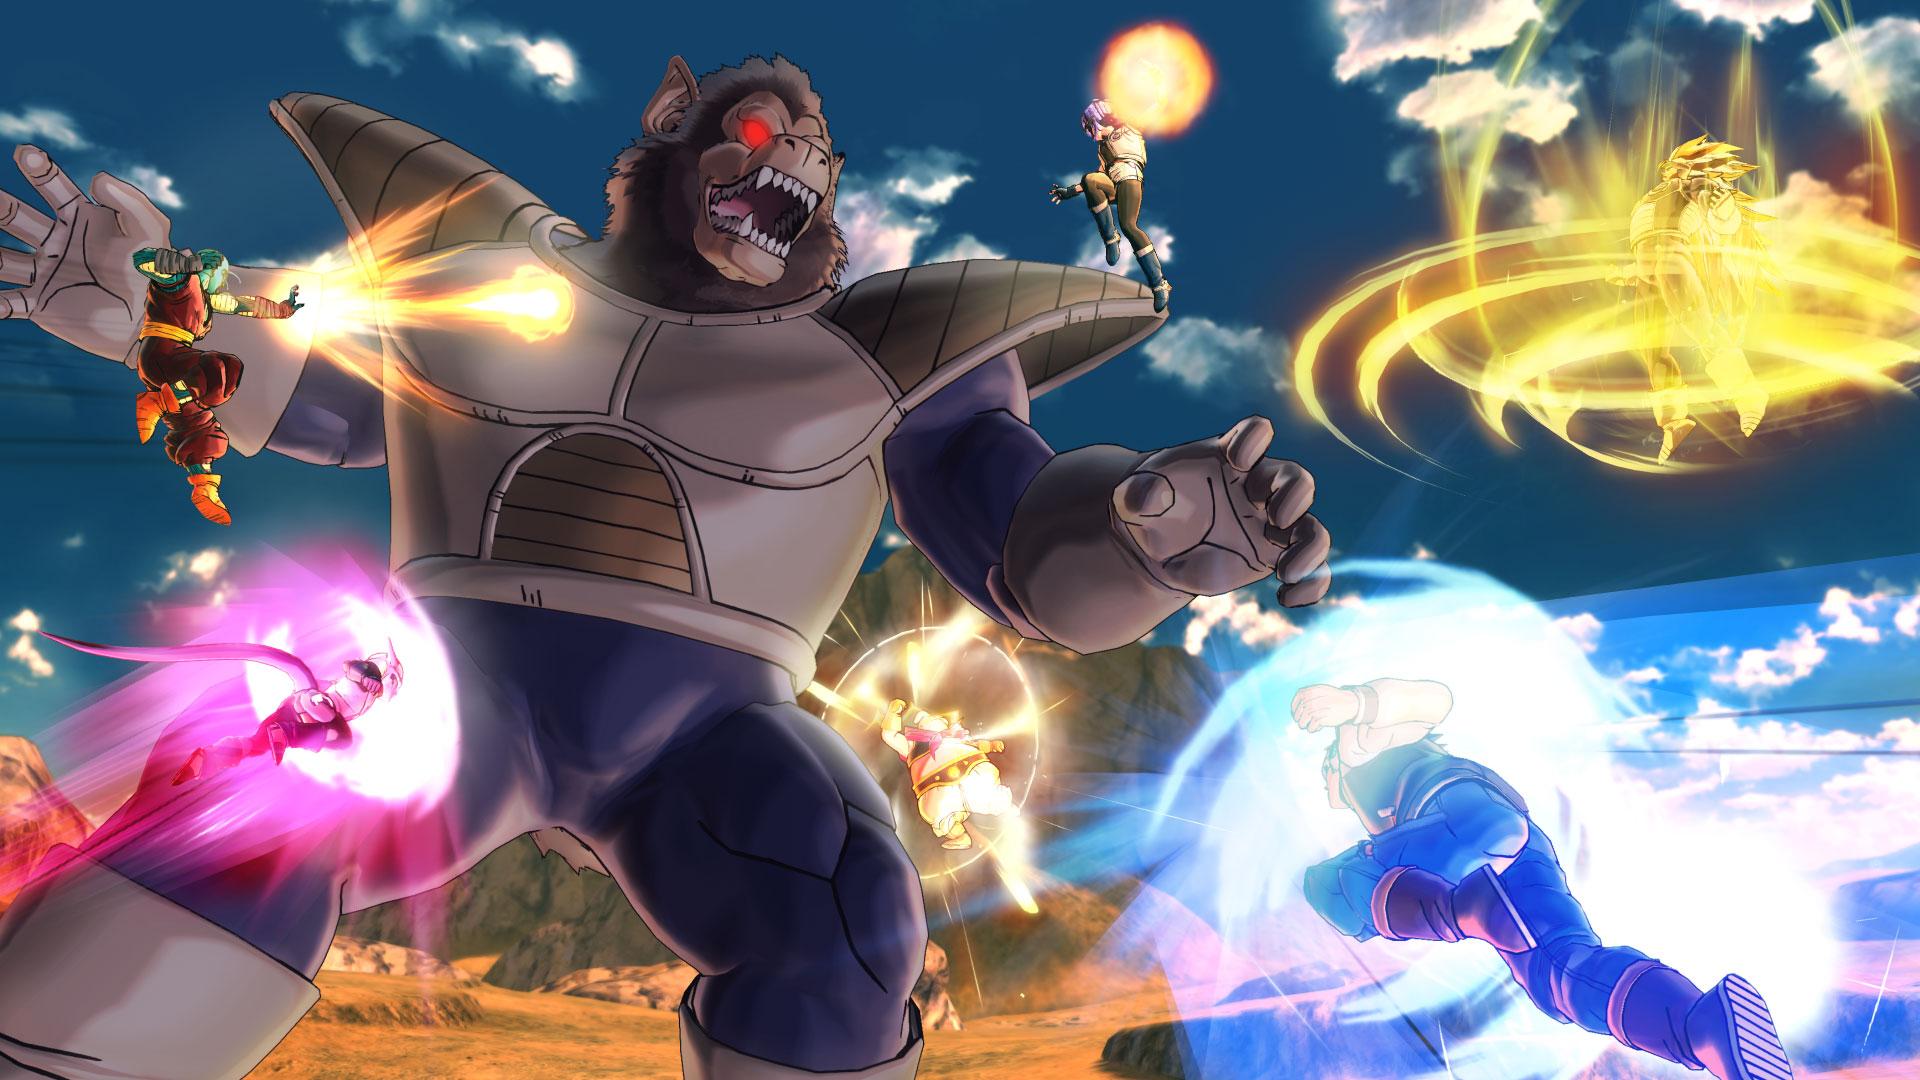 """Brachiale und Effekte-geladene Keilereien in Akira Toriyamas """"Dragon Ball""""-Universum: """"Xenoverse 2"""" macht da weiter, wo der erfolgreiche Vorgänger aufgehört hat. (28.10. für PC, PS4, XBO)"""